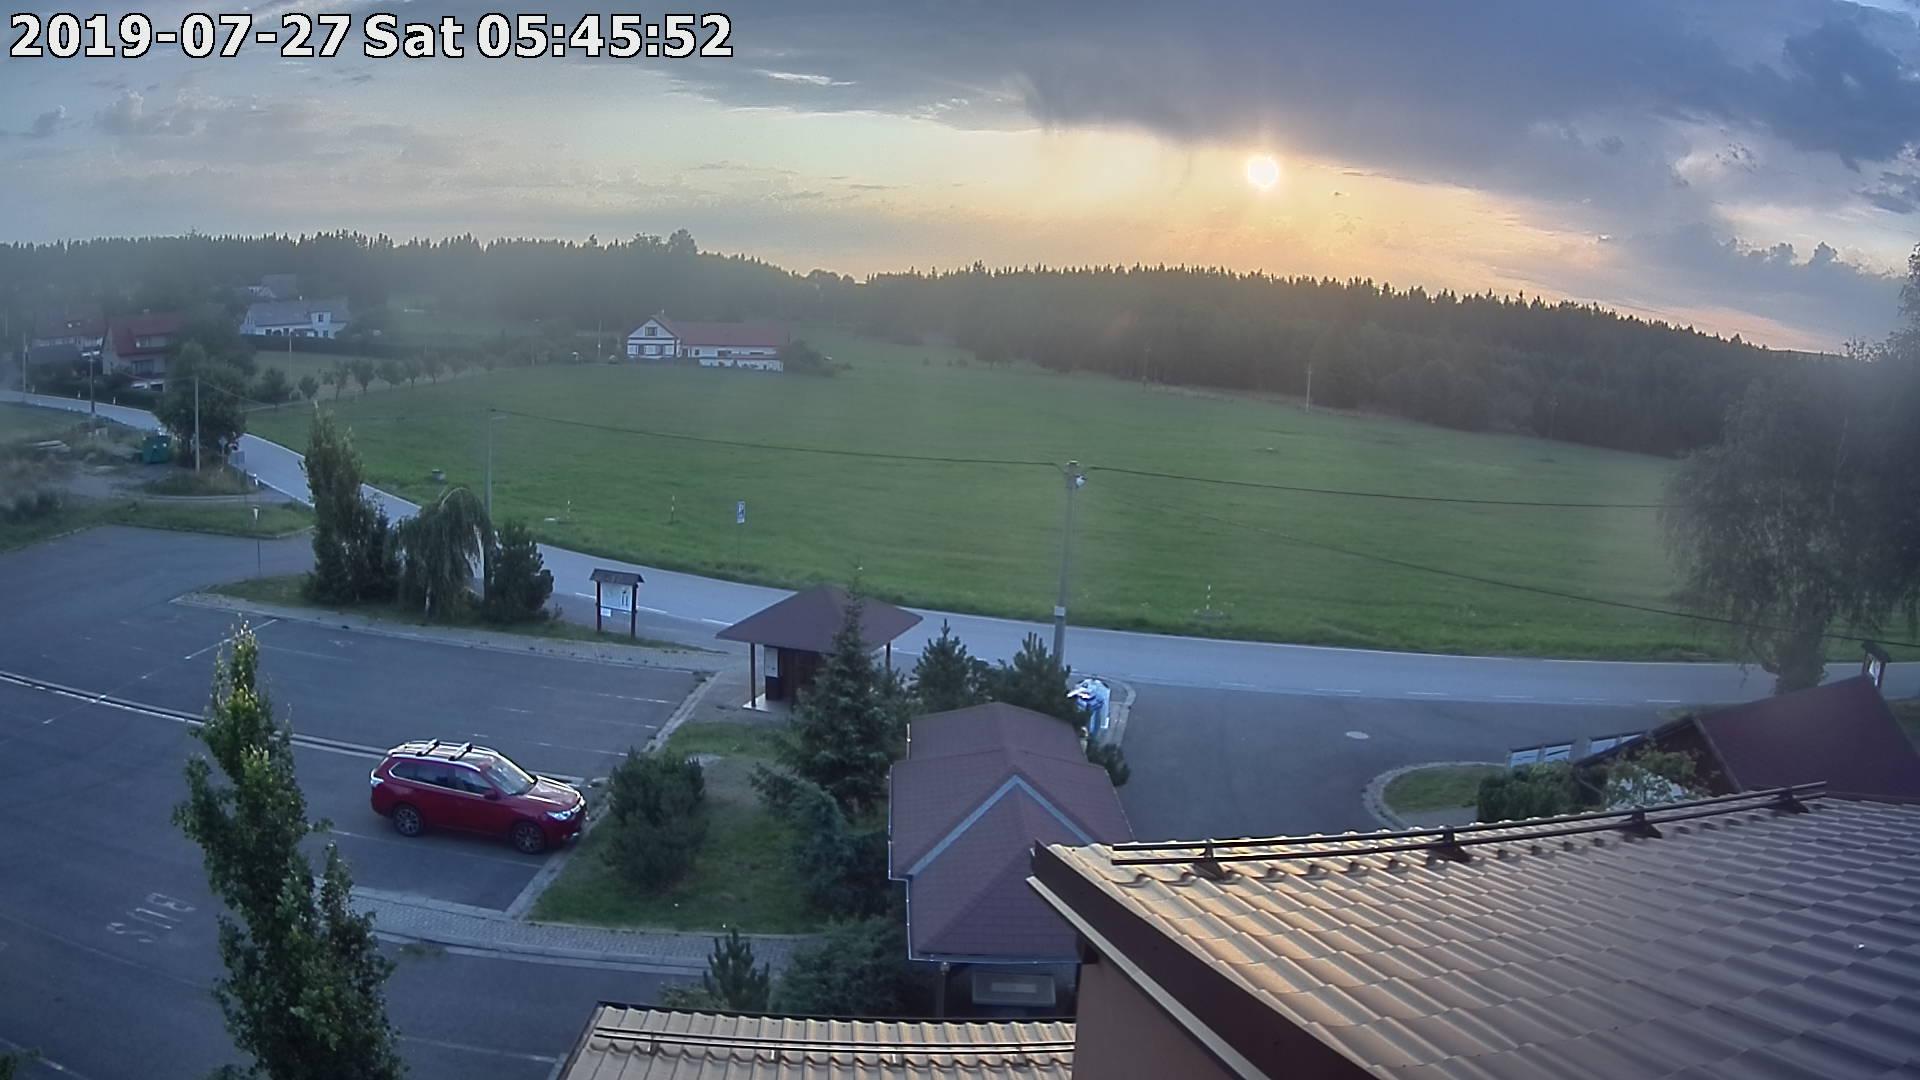 Webkamera ze dne 2019-07-27